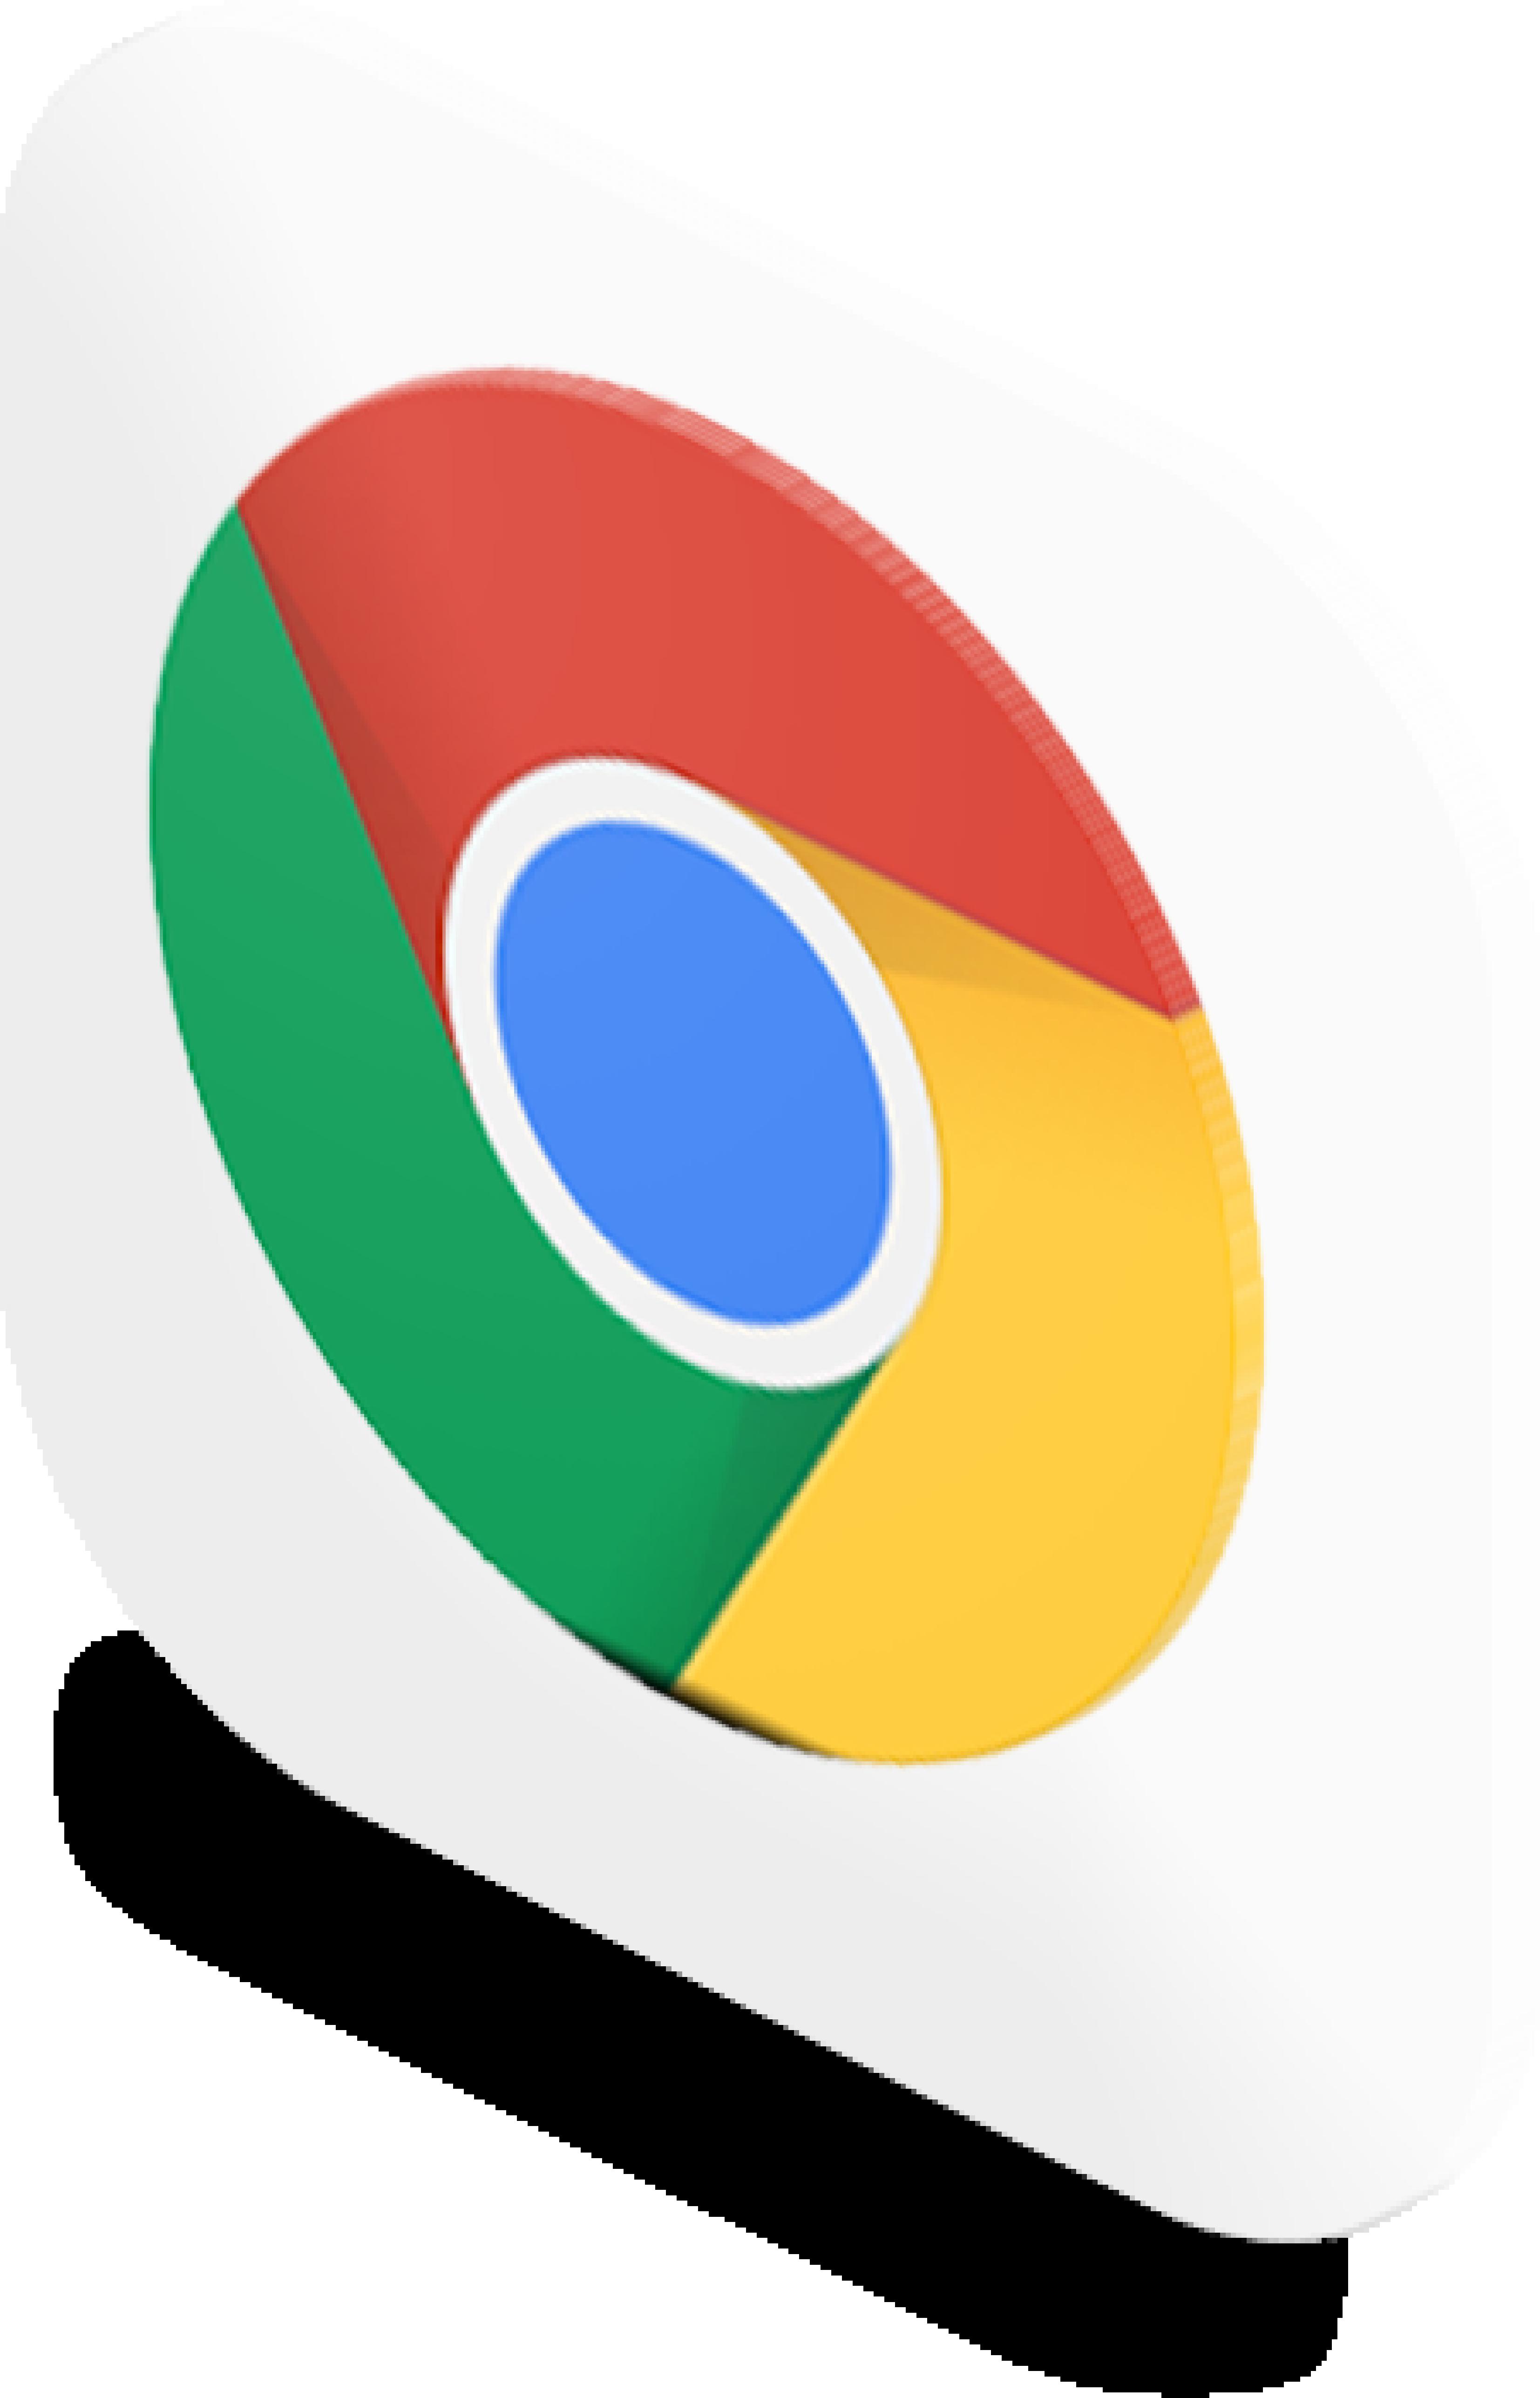 Google cloud Enterprice - Strumenti utili anche alle piccole e medie imprese